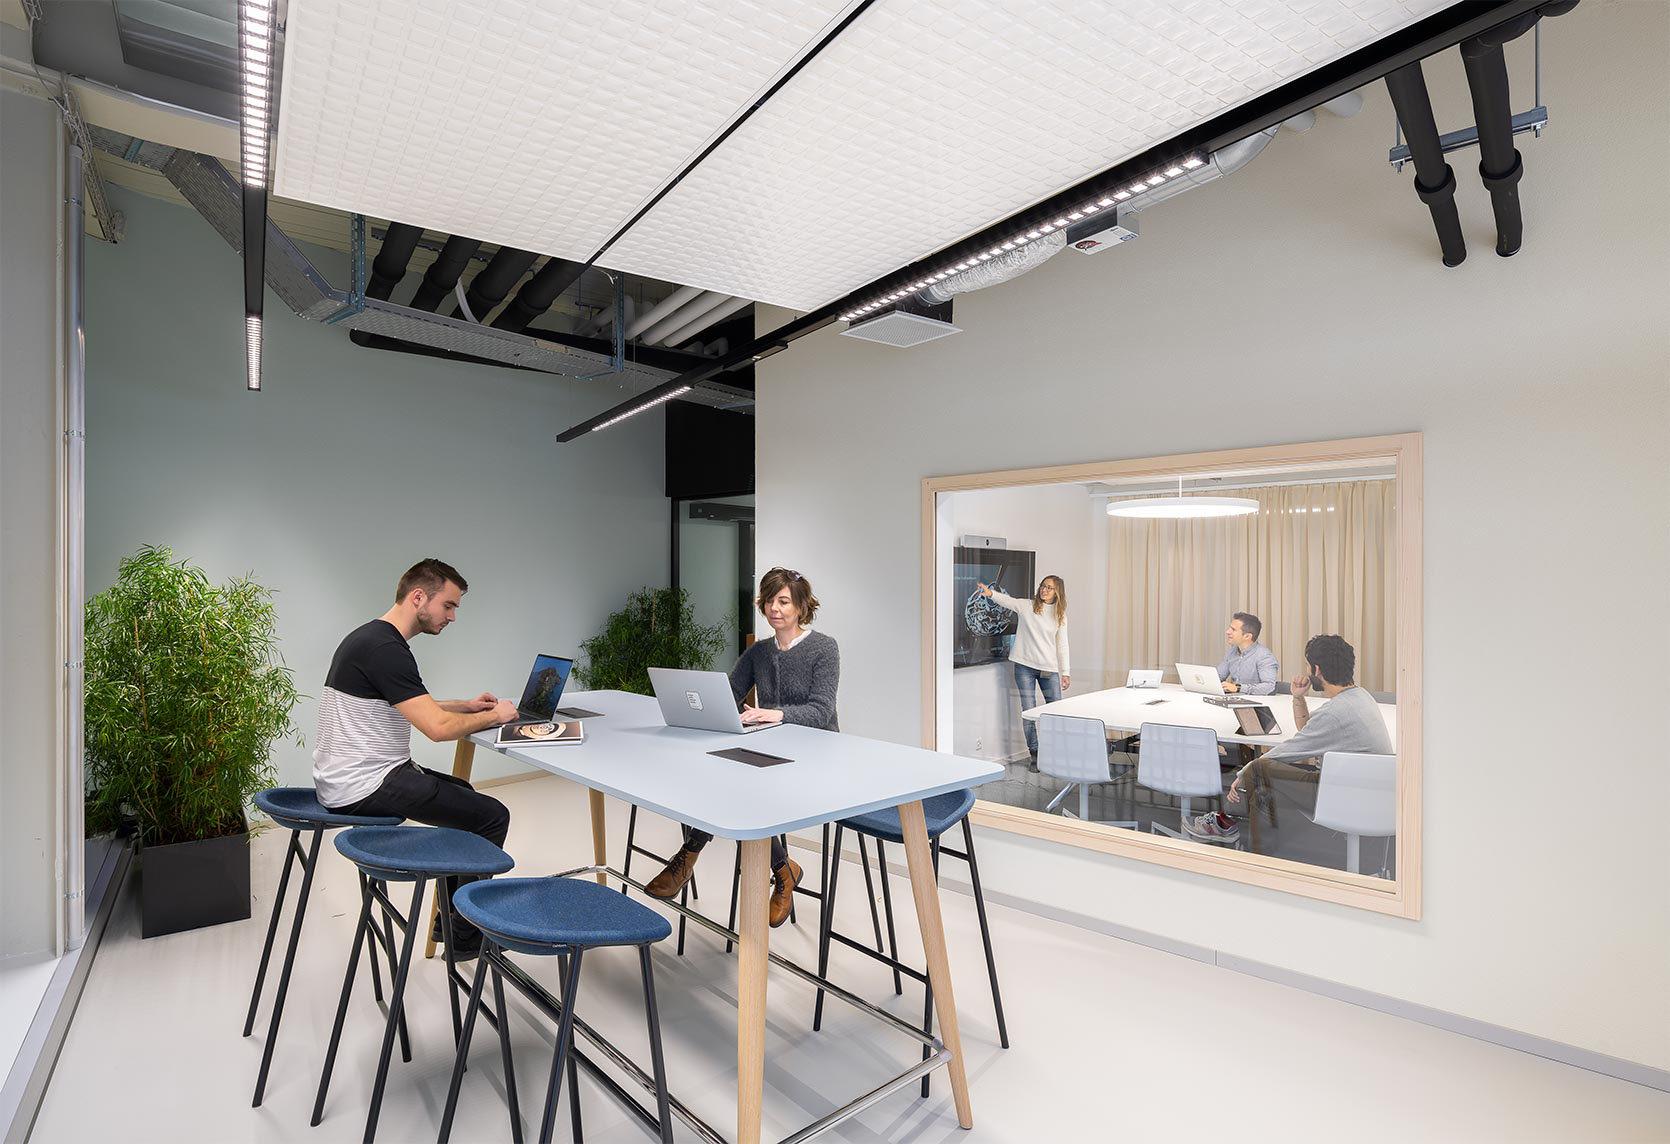 audemars-piguet-office-3